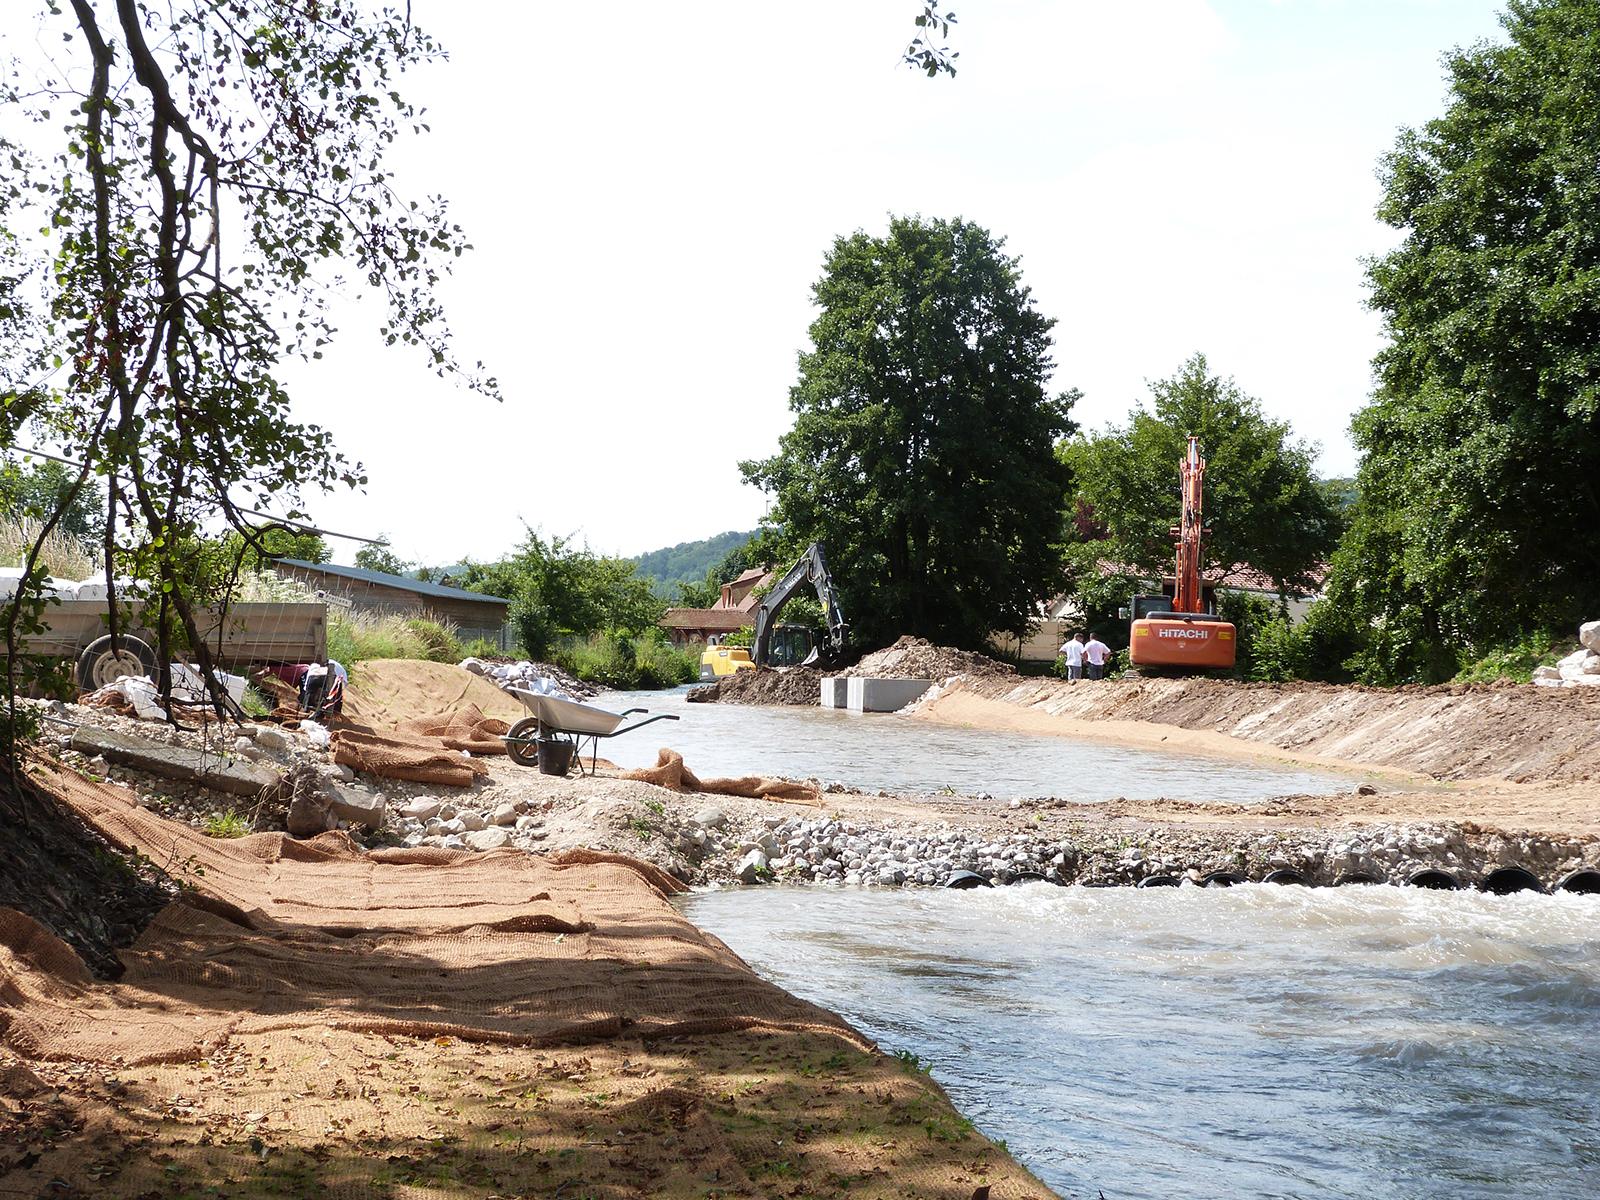 Vue de l'amont depuis l'aval sur le passage provisoire (accès chantier)